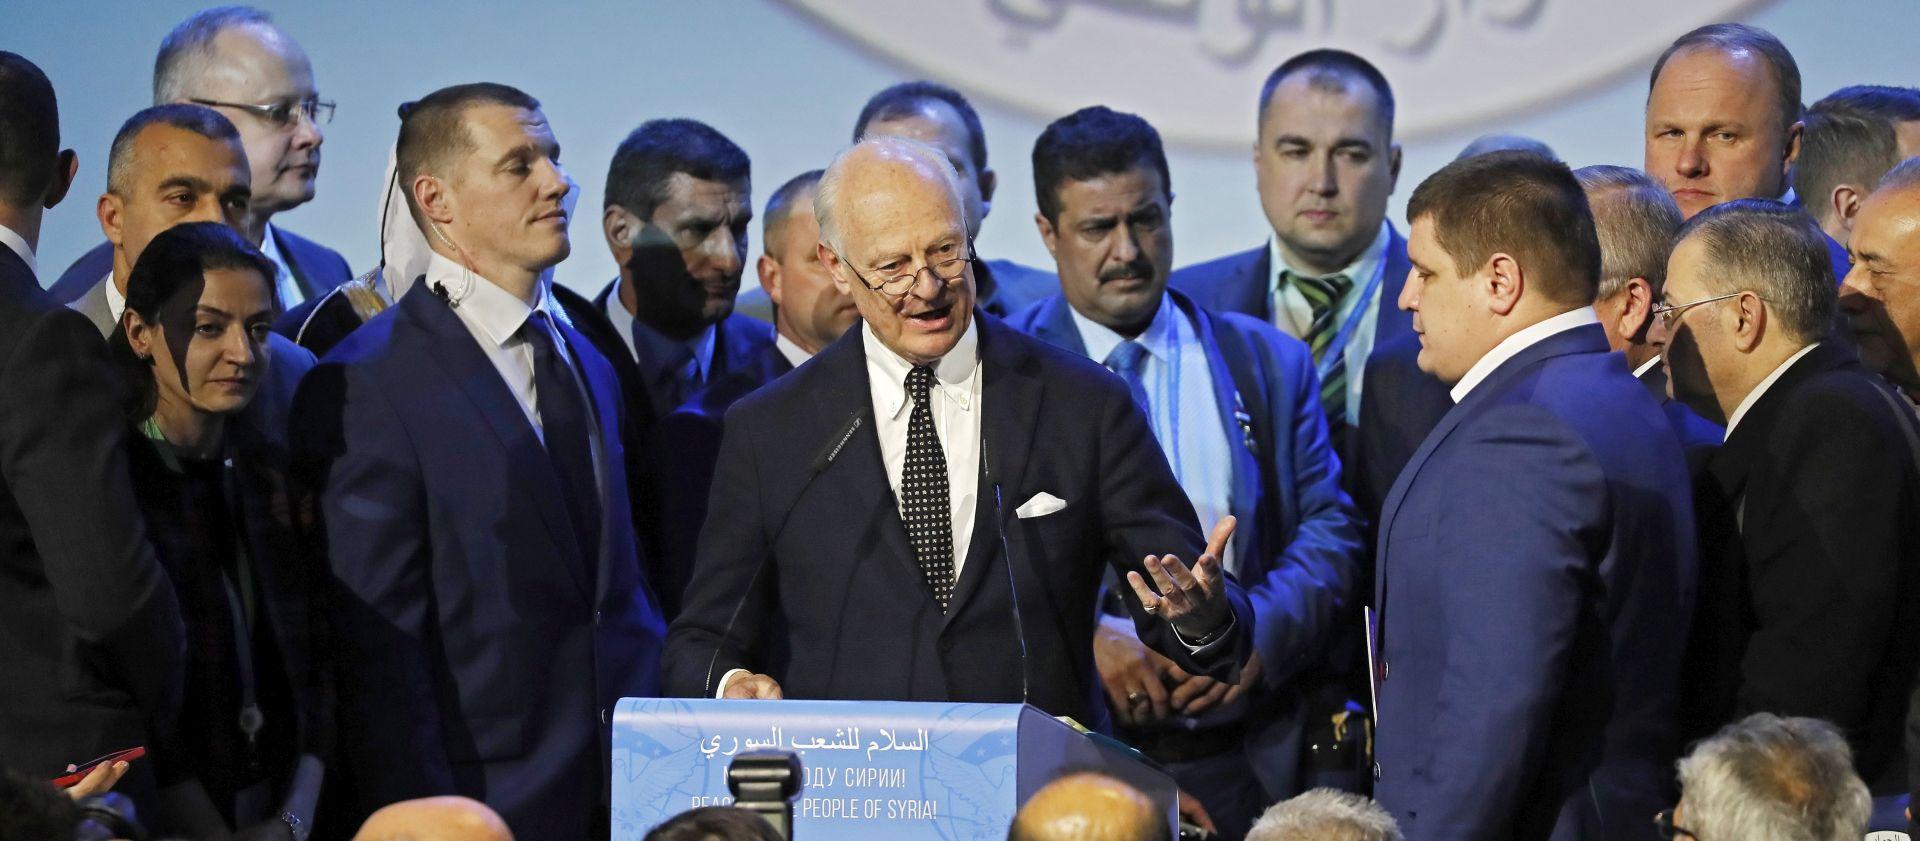 Sirijske skupine optužuju Guterresa da je nagradio Rusiju